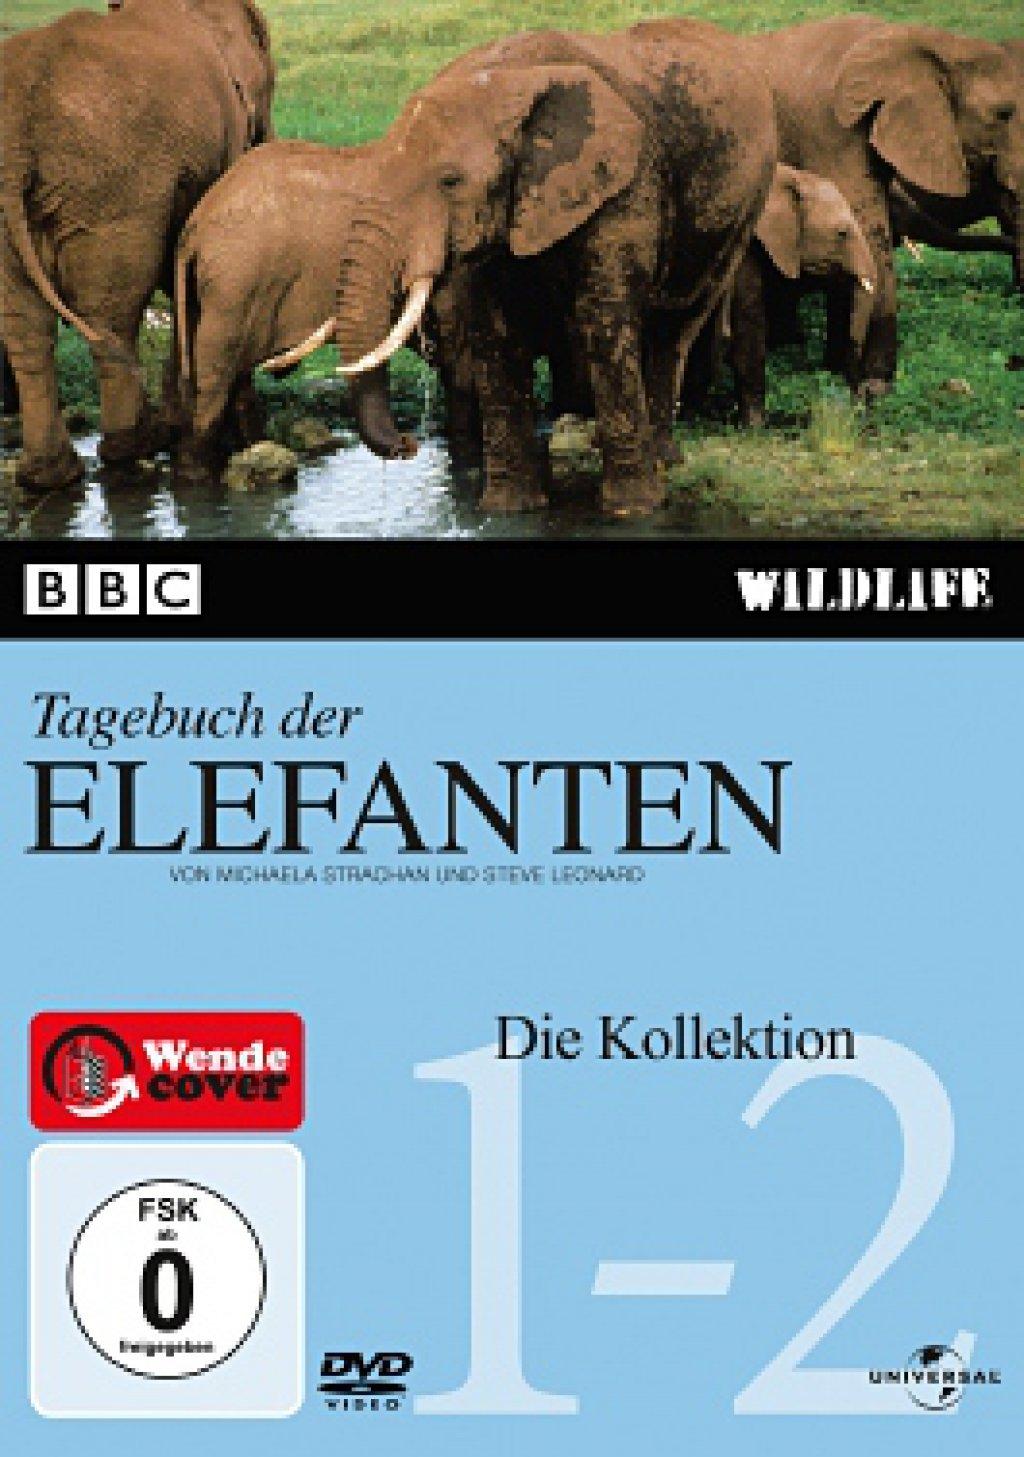 Das BBC Tagebuch der Elefanten - BBC Wildlife (DVD)